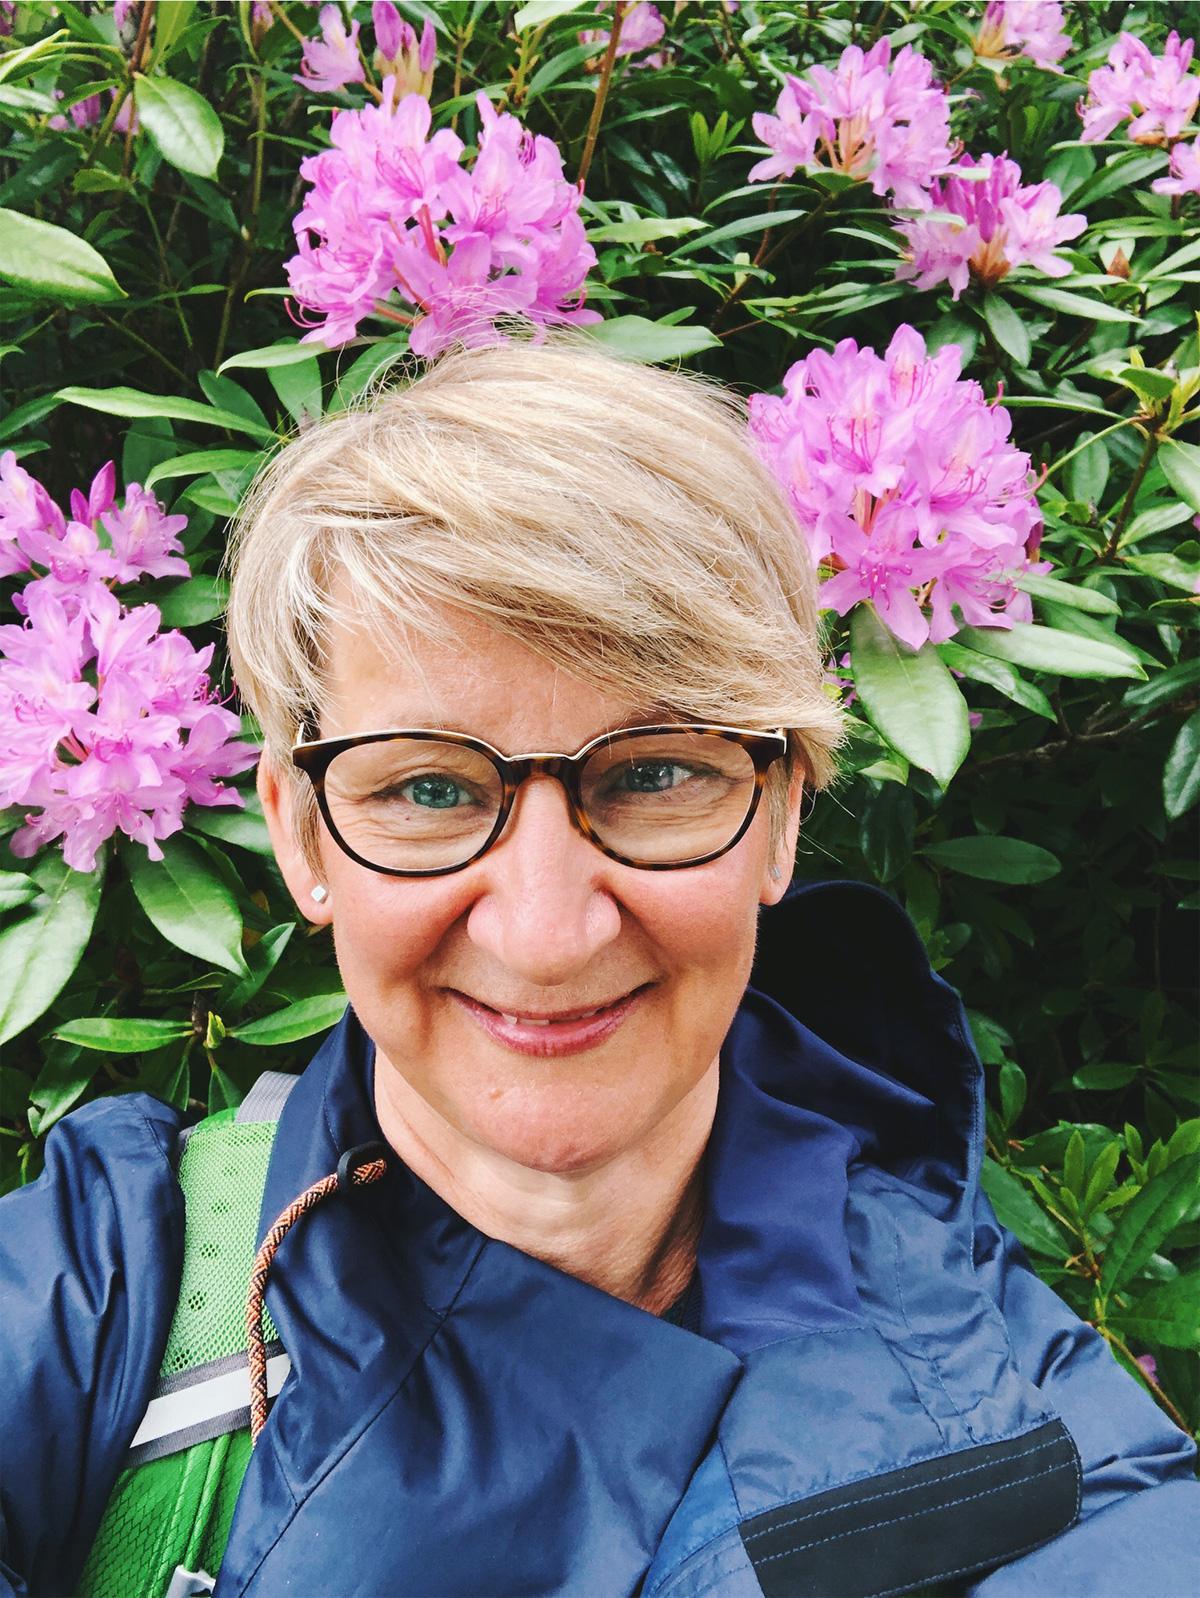 Irland Anke Hedfeld steht vor einem Rhododendron